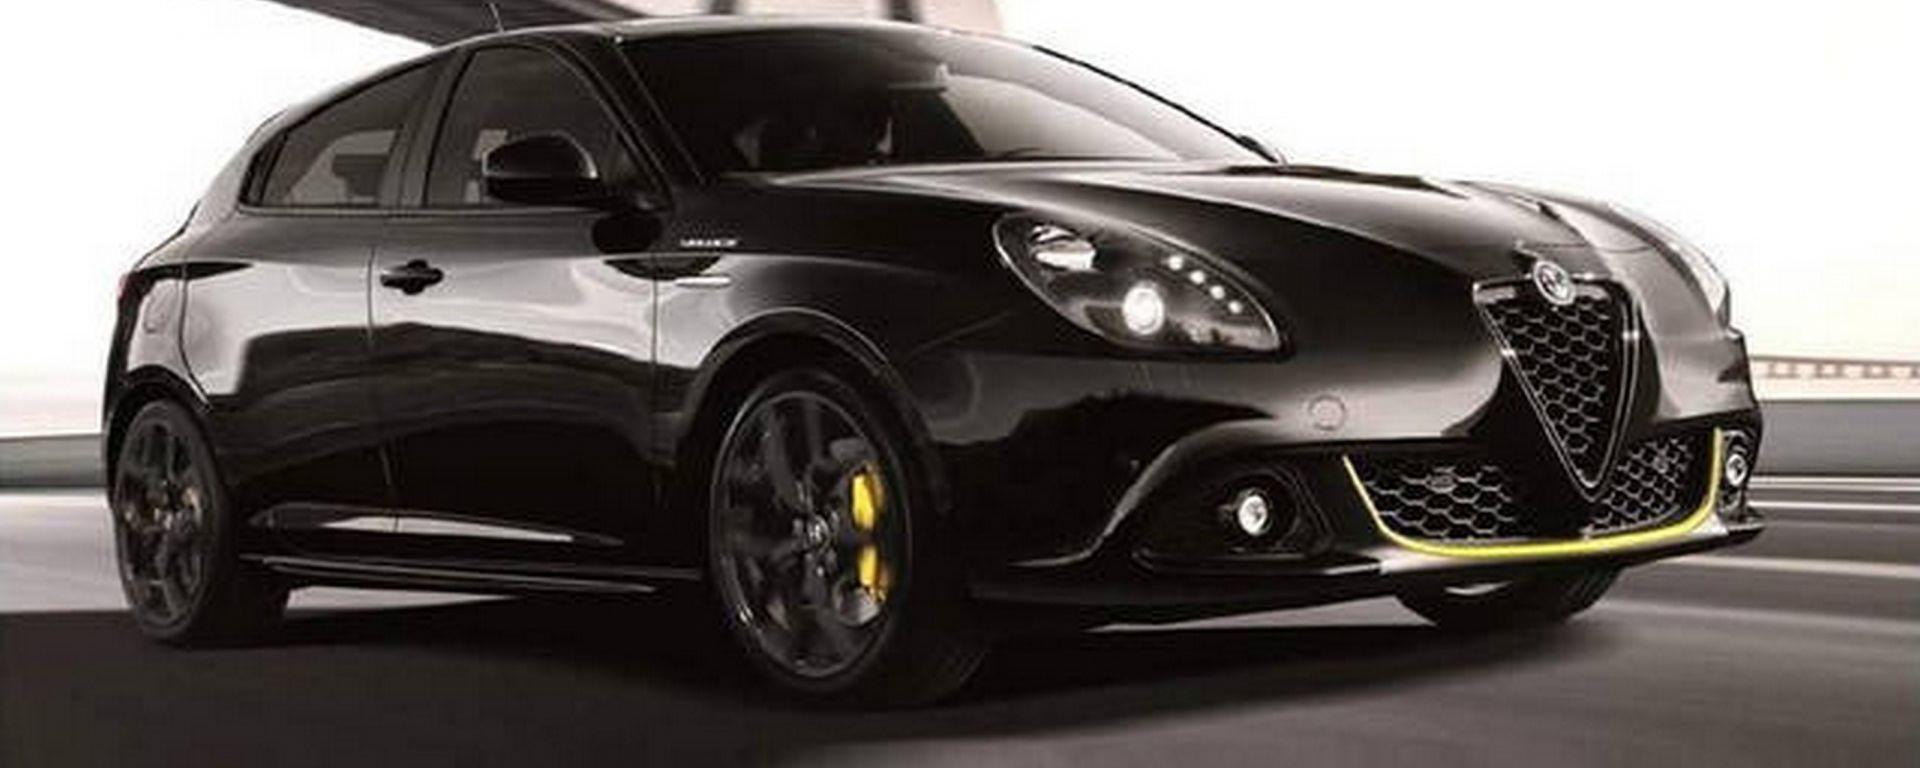 Nuova Alfa Romeo Giulietta: le prime immagini in rete